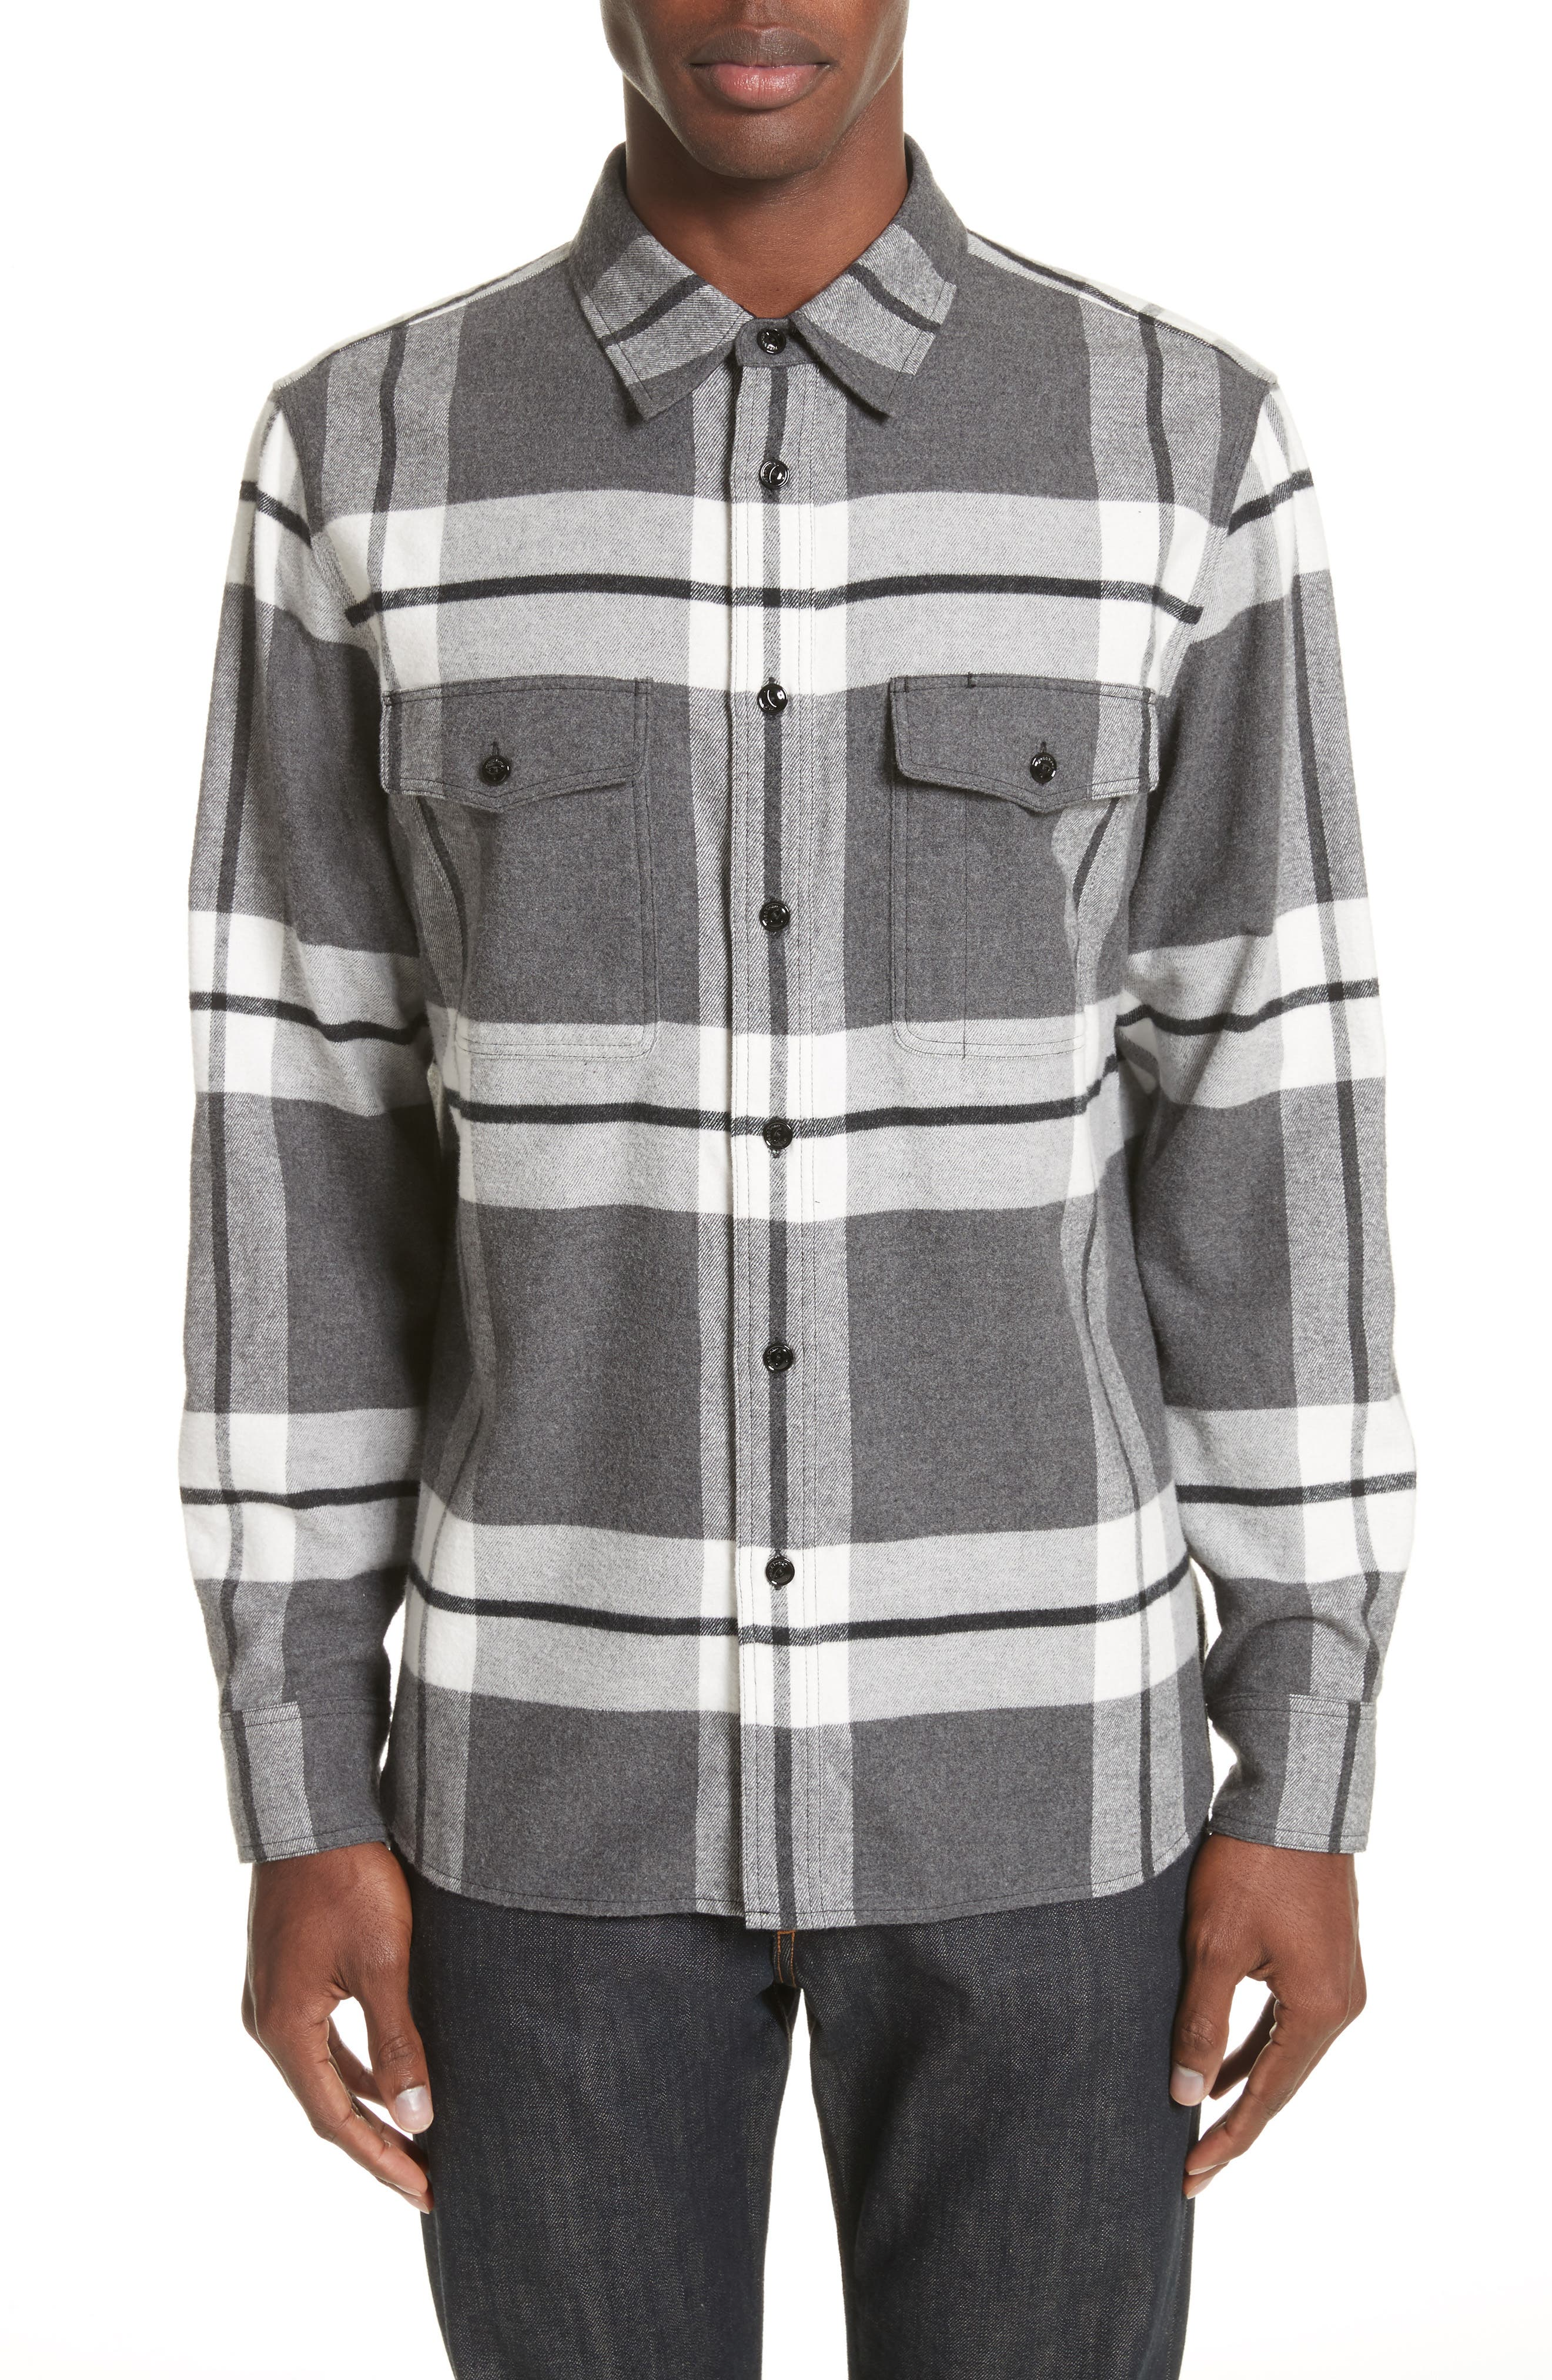 Alternate Image 1 Selected - rag & bbone Jack Plaid Shirt Jacket